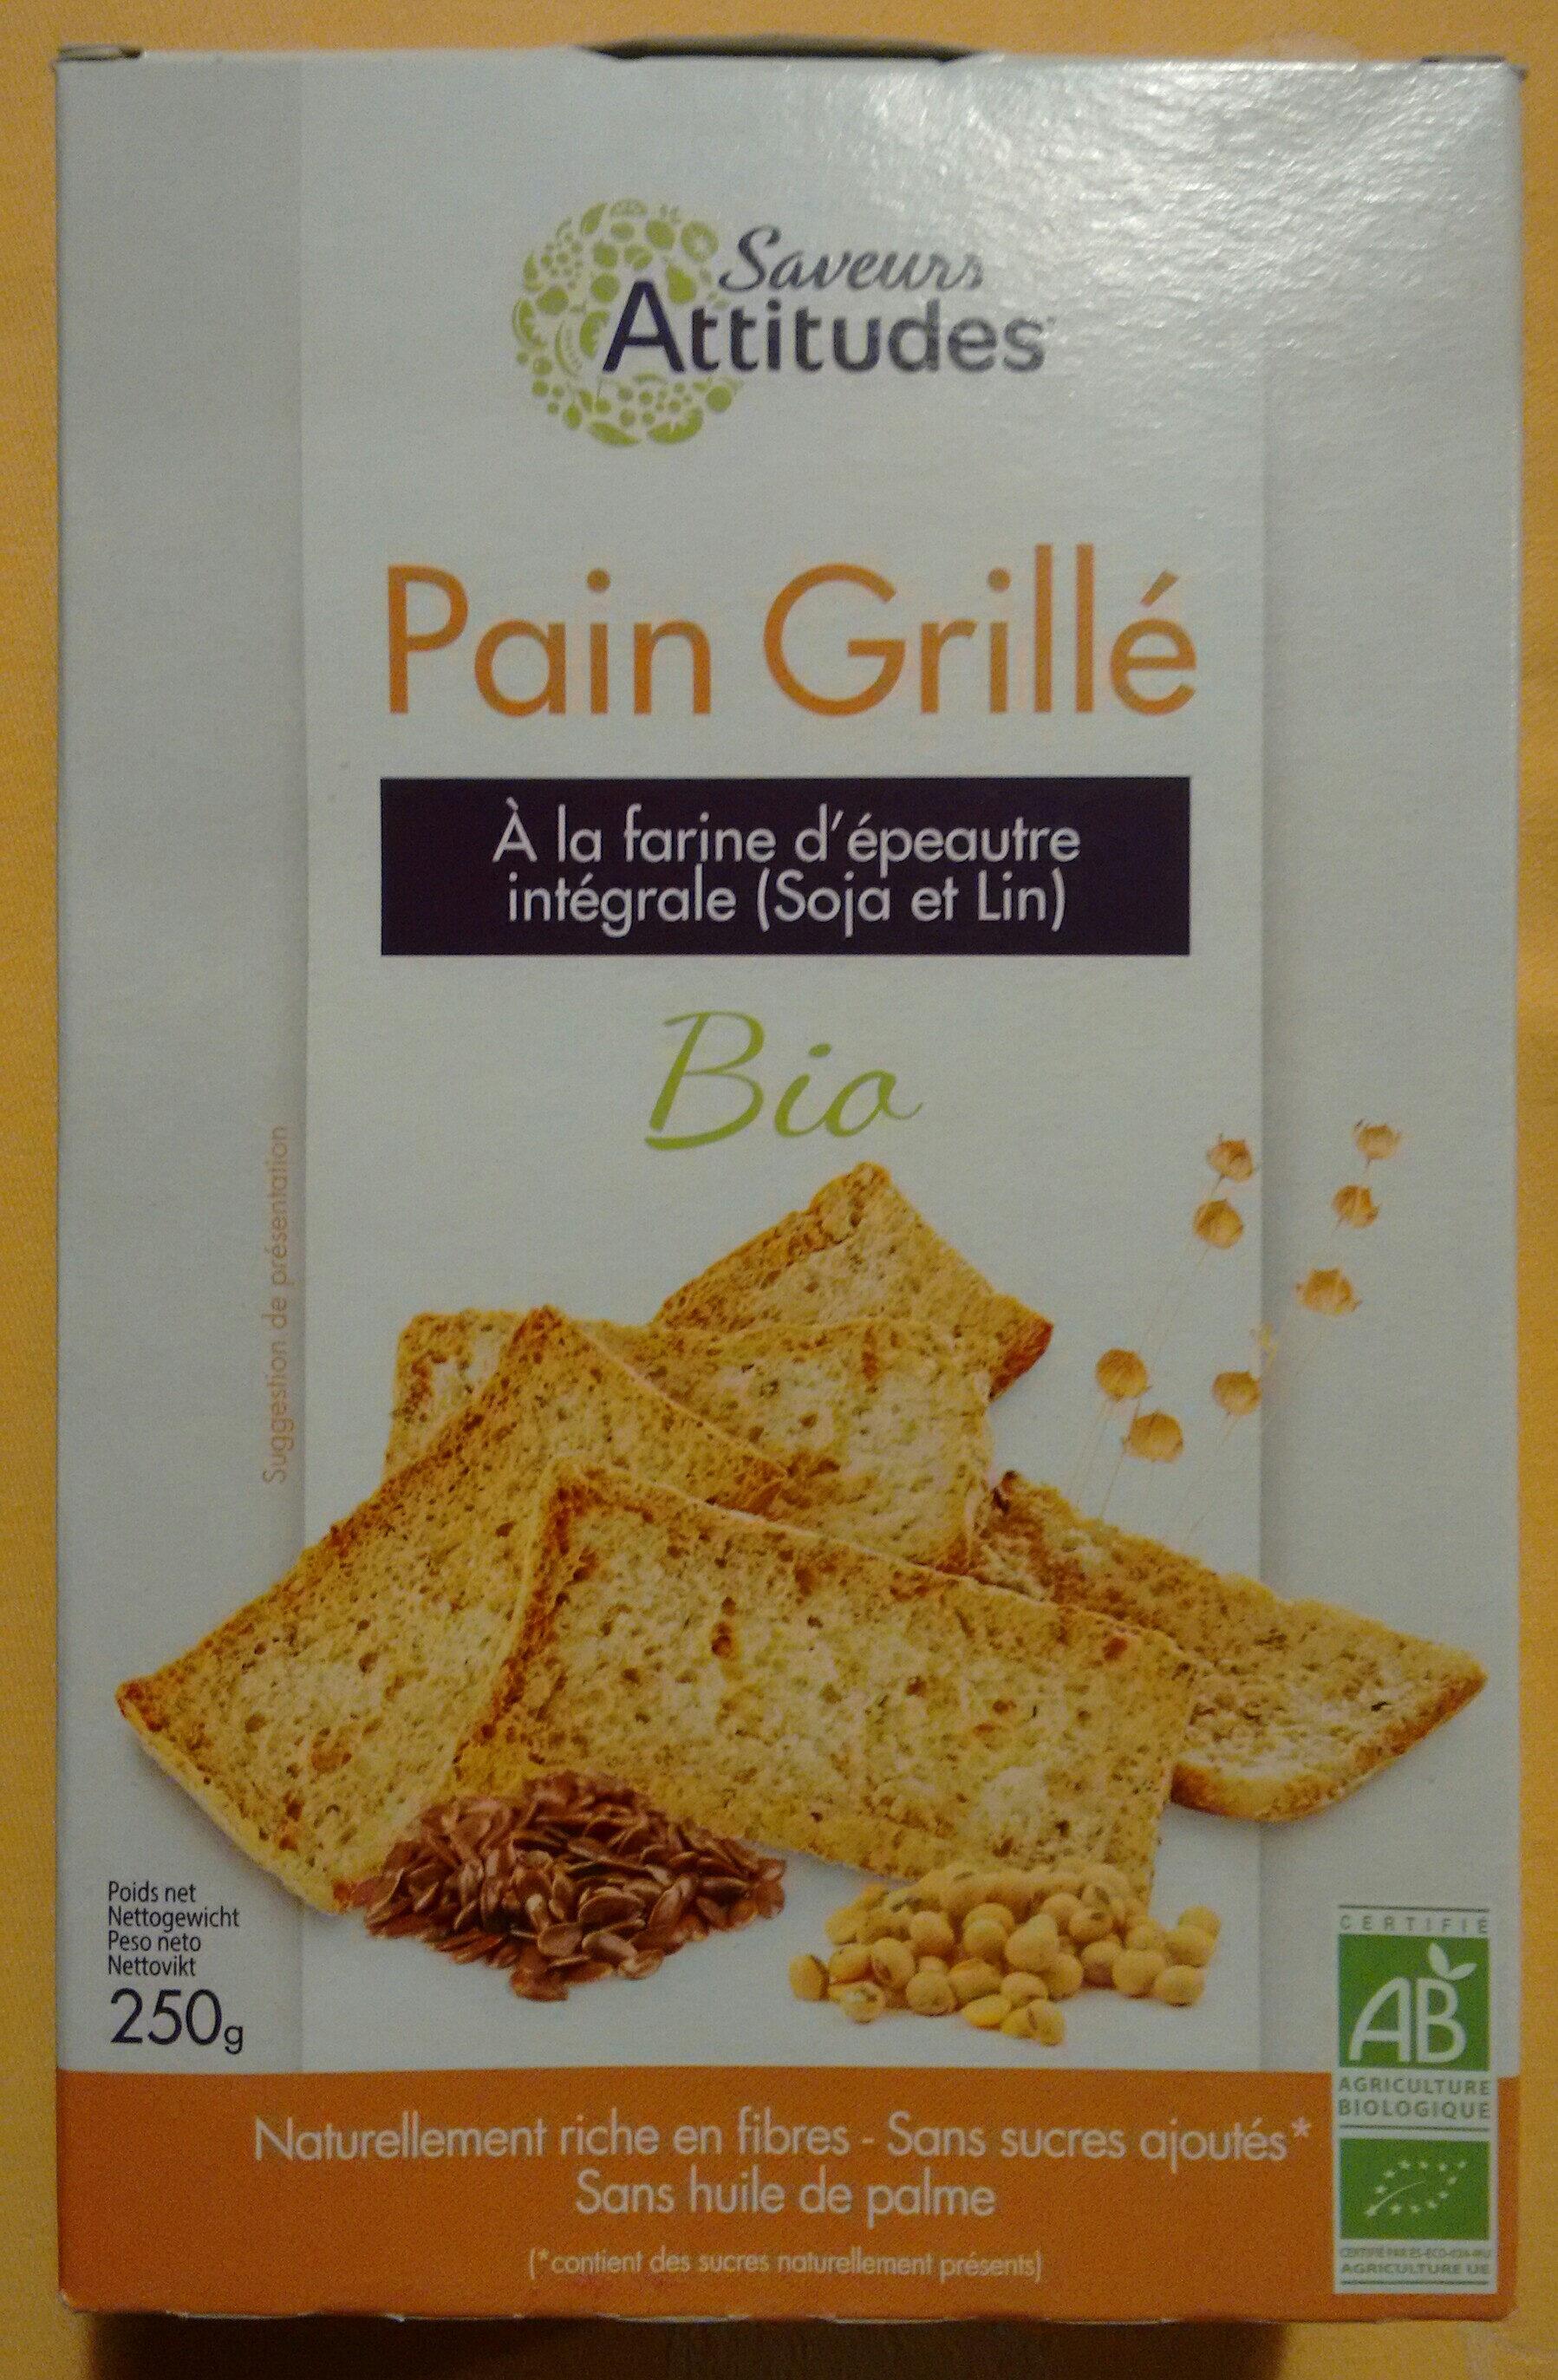 pain grillé à la farine d'épautre intégrale (Soja et Lin) - Product